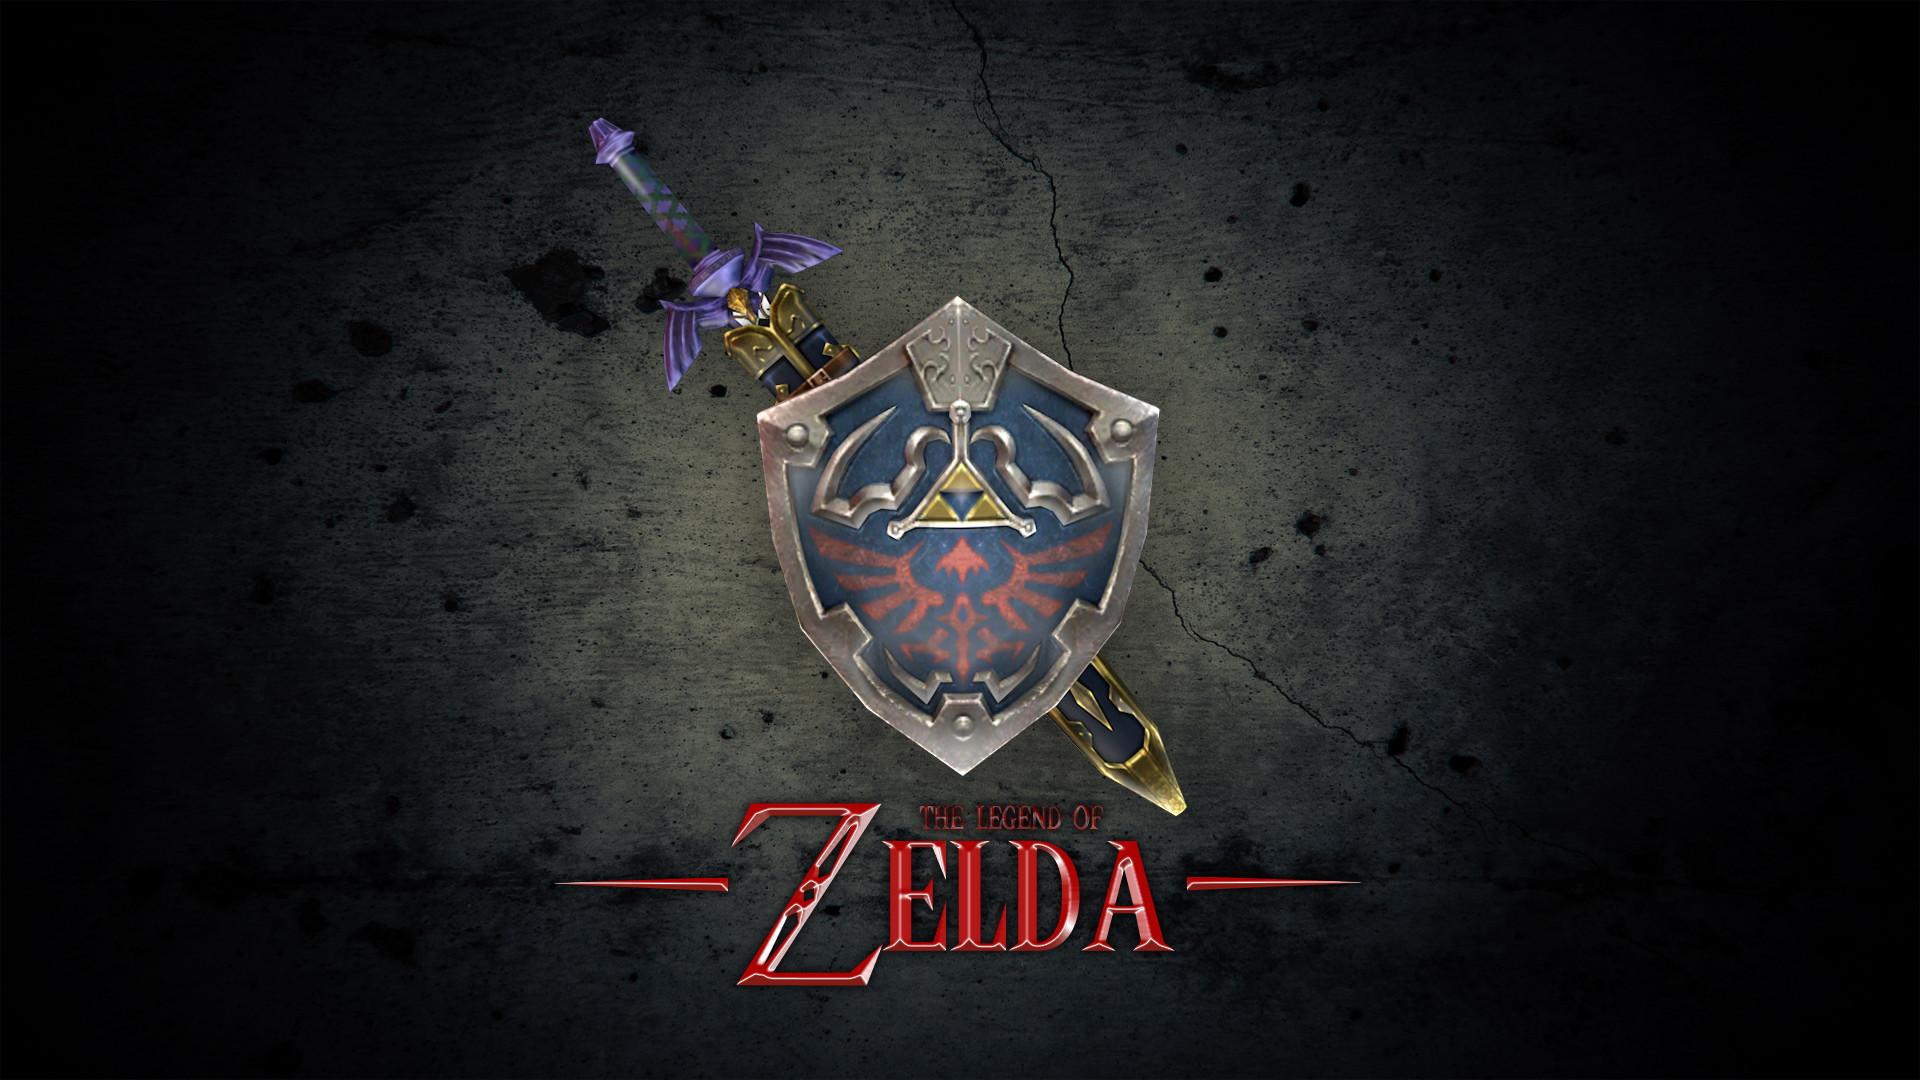 zelda-symbol-wallpaperanime-the-legends-of-zelda-swords-